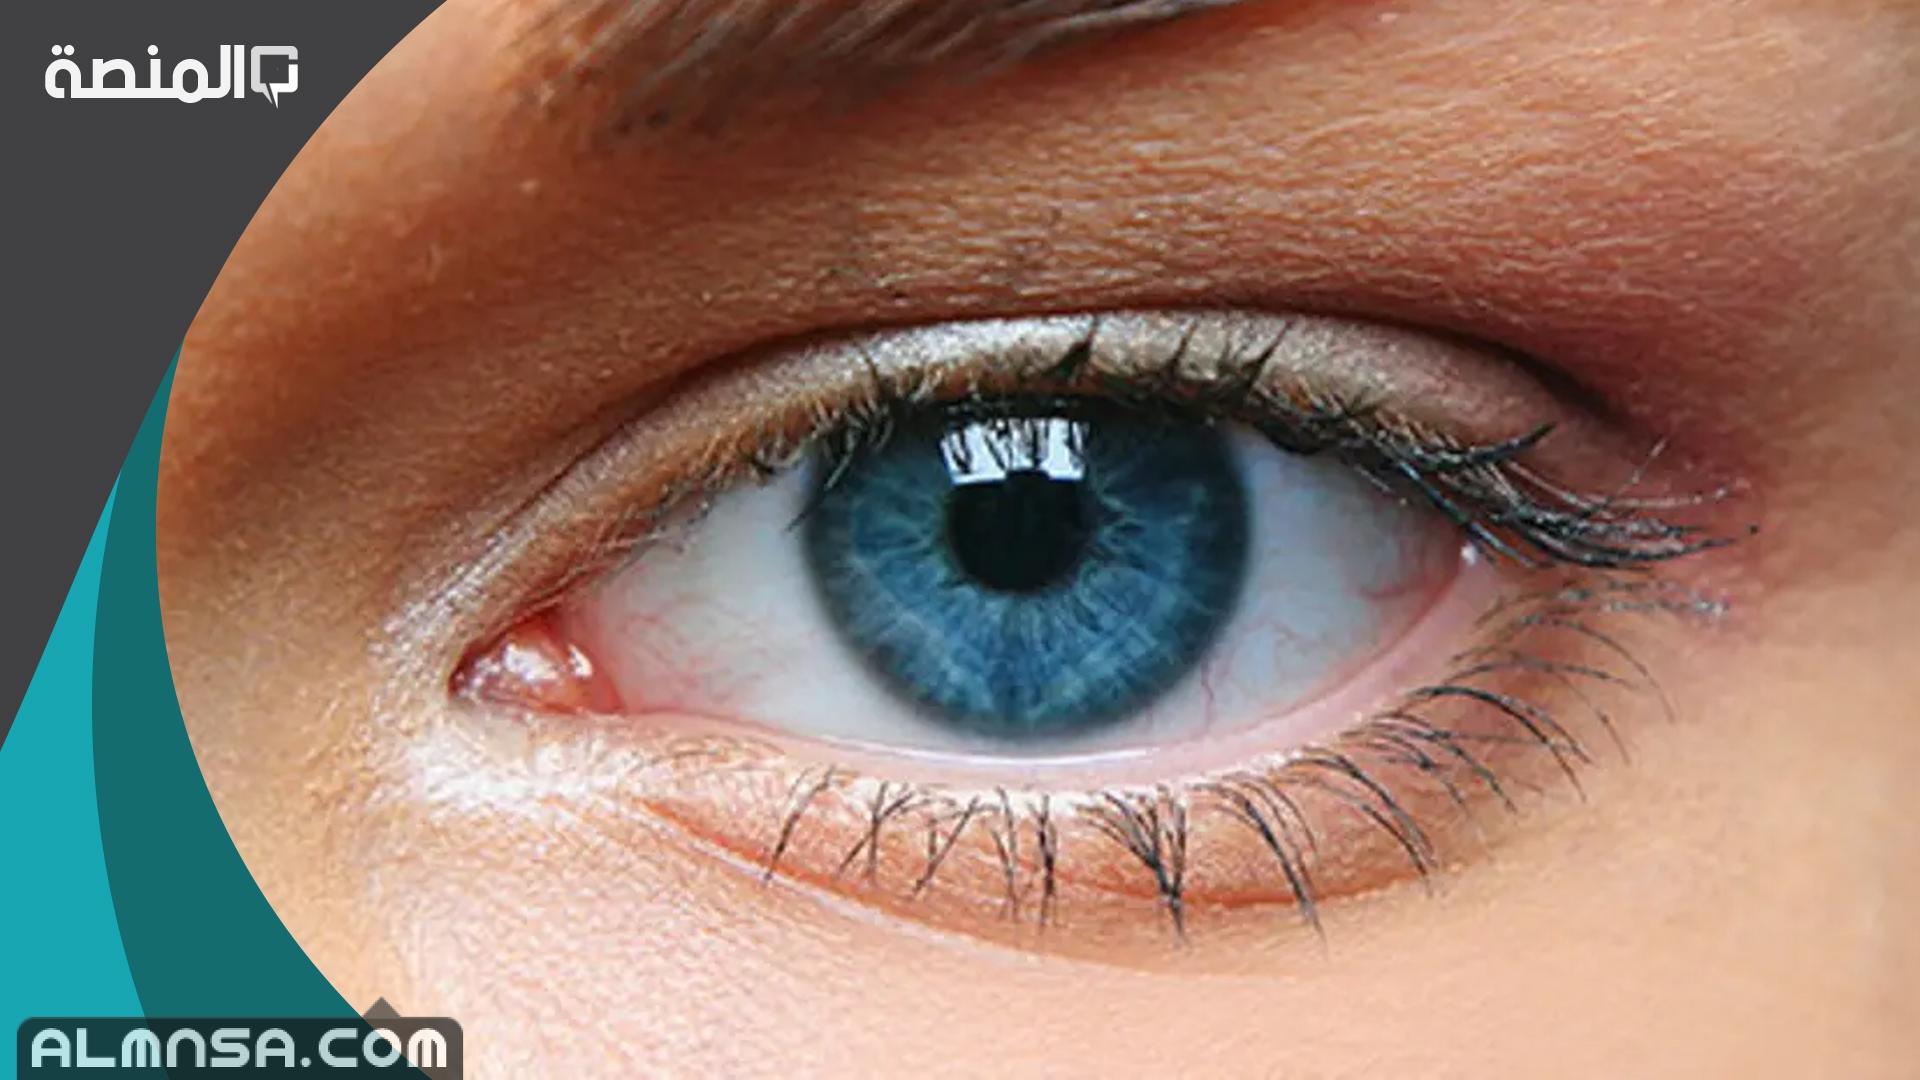 تفسير رؤية جحوظ العين في المنام المنصة